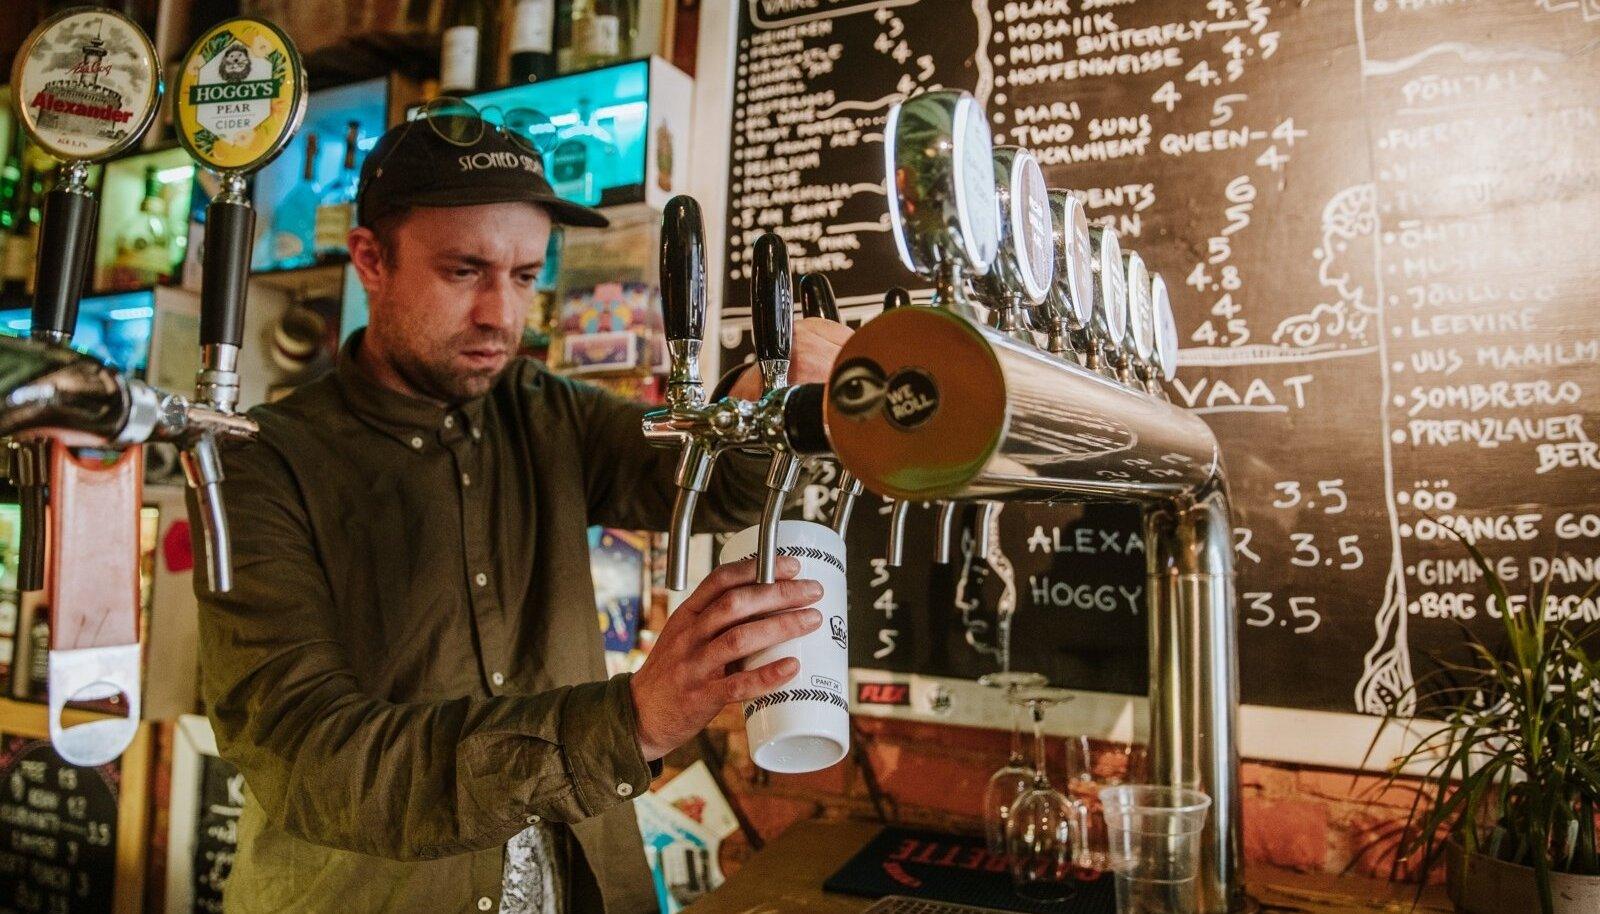 Kui isegi aprillis avatakse baarid, ei tohi seal pärast kella 22t ikka alkoholi müüa..